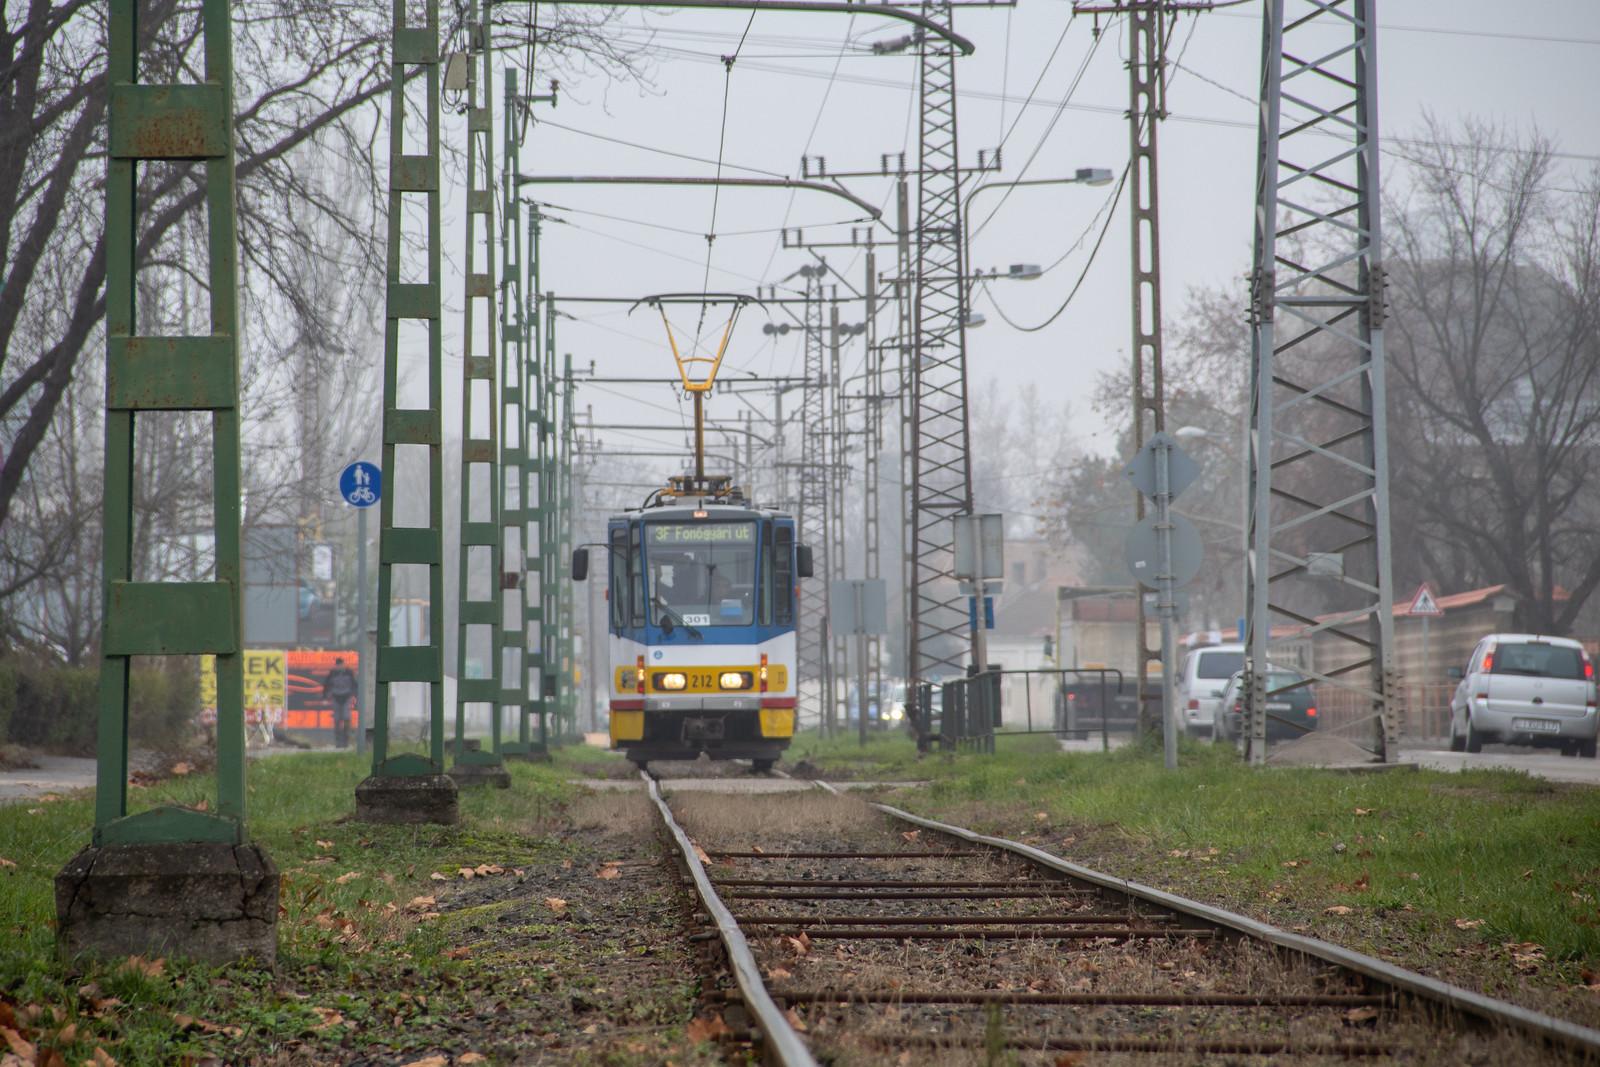 Tizenöt éve szolgálják Szegedet a csuklós Tatra villamosok